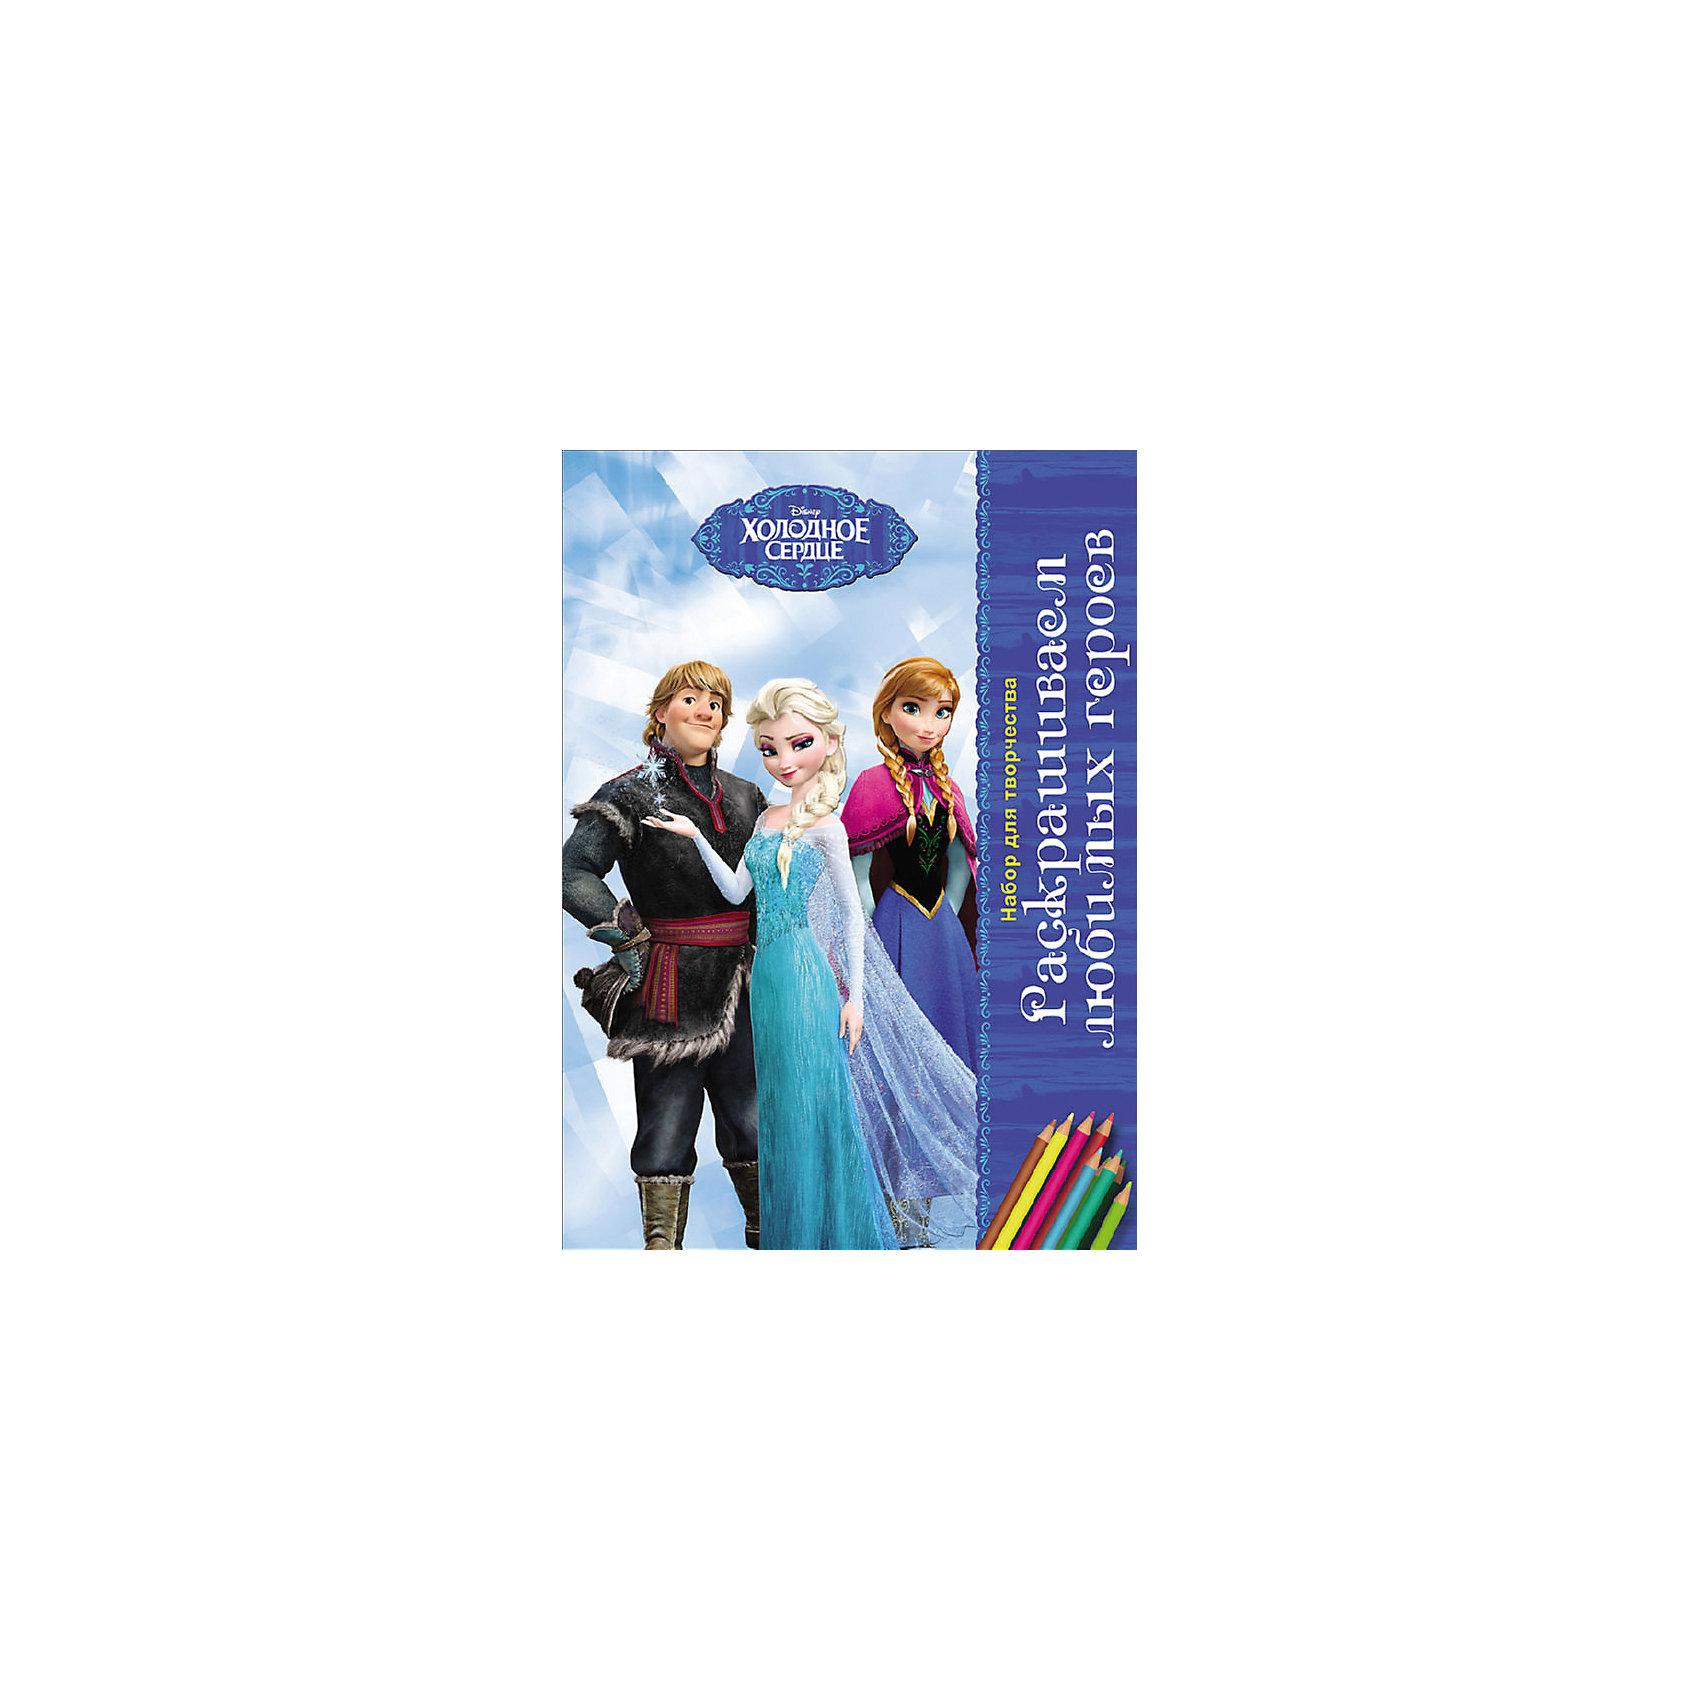 Набор для творчества  Раскрашиваем любимых героев. Холодное сердце, DisneyРазвивающие книги<br>Набор для творчества Раскрашиваем любимых героев. Холодное сердце, Disney.<br><br>Характеристики:<br><br>• Издательство: Проф-Пресс, 2016 г.<br>• Серия: Disney. Наборы для творчества<br>• Иллюстрации: черно-белые<br>• Количество страниц: 88<br>• Упаковка: картонная папка<br>• Размер: 280x202x5 мм.<br>• Вес: 244 гр.<br>• ISBN: 9785378263851<br><br>Набор для творчества Раскрашиваем любимых героев. Холодное сердце, Disney – это папка формата А4, которая содержит листы с черно-белыми изображениями героев мультфильма Холодное сердце. Набор для творчества обязательно придется по душе вашей маленькой художнице!<br><br>Набор для творчества Раскрашиваем любимых героев. Холодное сердце, Disney можно купить в нашем интернет-магазине.<br><br>Ширина мм: 160<br>Глубина мм: 60<br>Высота мм: 220<br>Вес г: 0<br>Возраст от месяцев: 36<br>Возраст до месяцев: 2147483647<br>Пол: Женский<br>Возраст: Детский<br>SKU: 5452261